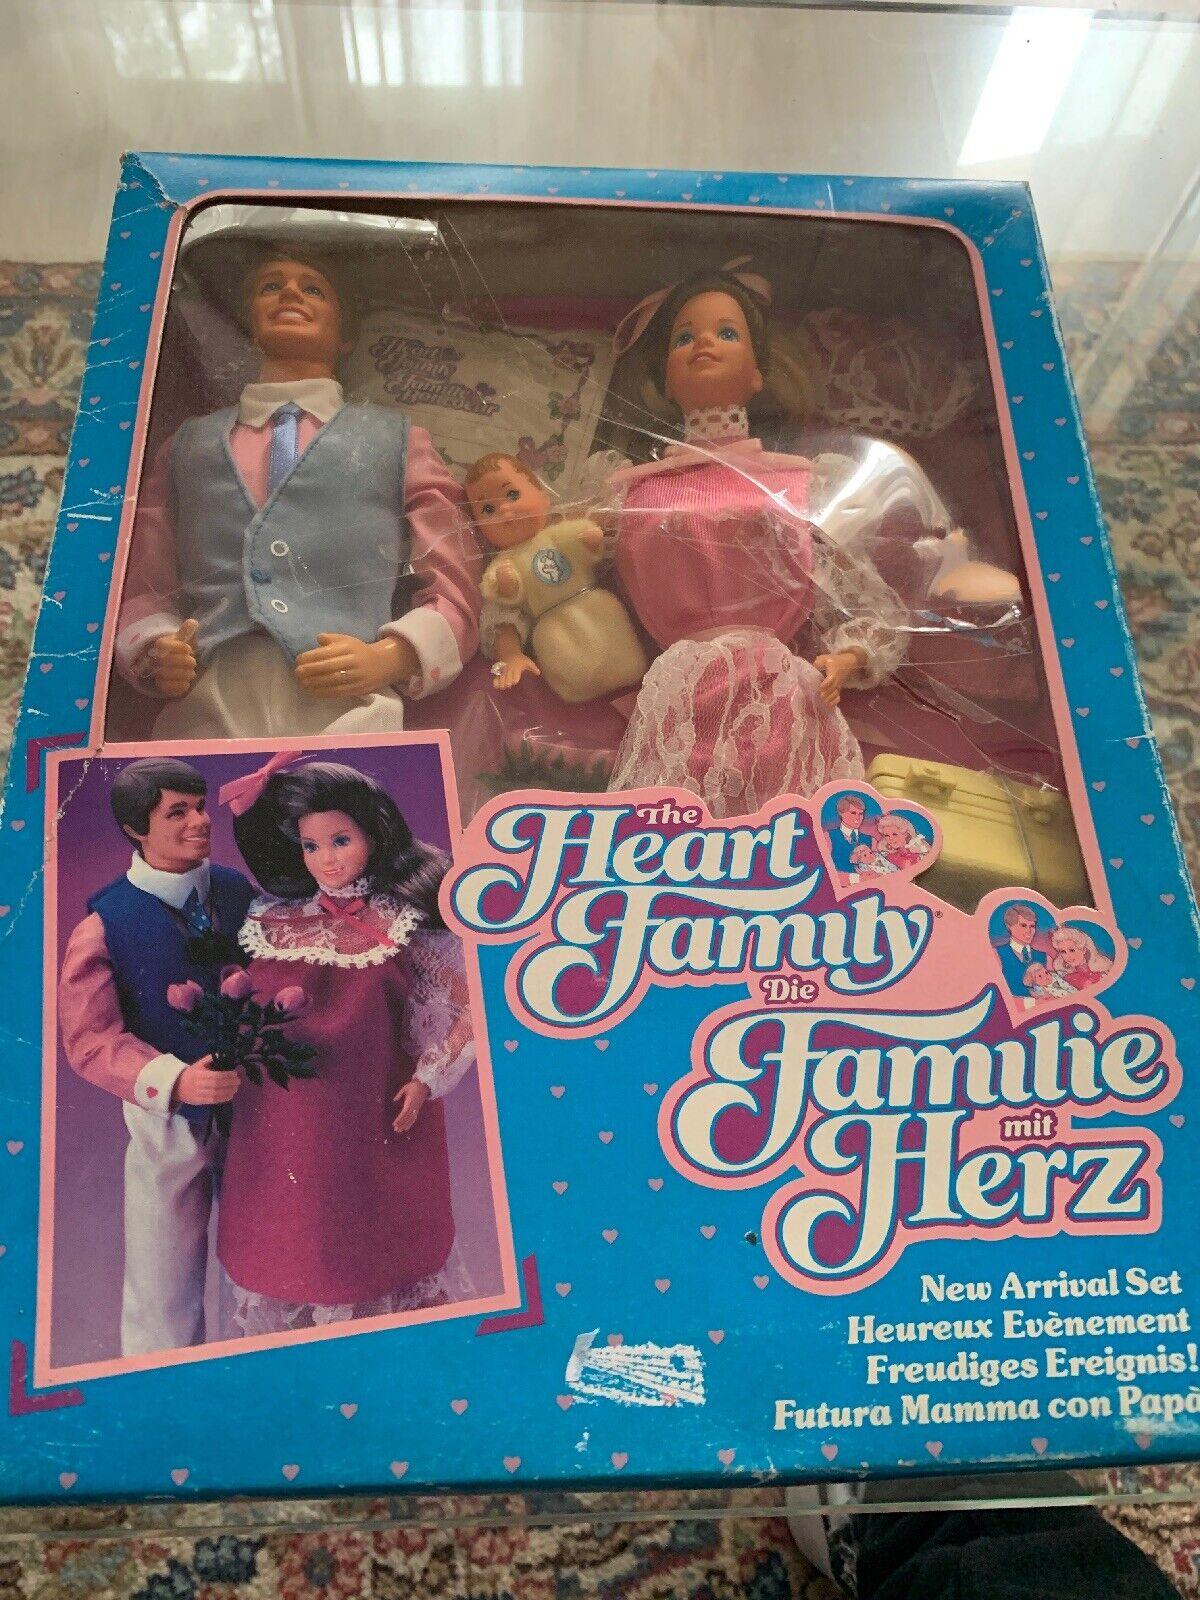 1985 Barbie E  Ken Famiglia Cuore Heart Family nuovo Arrival Set 2415 Nrfb  ecco l'ultimo